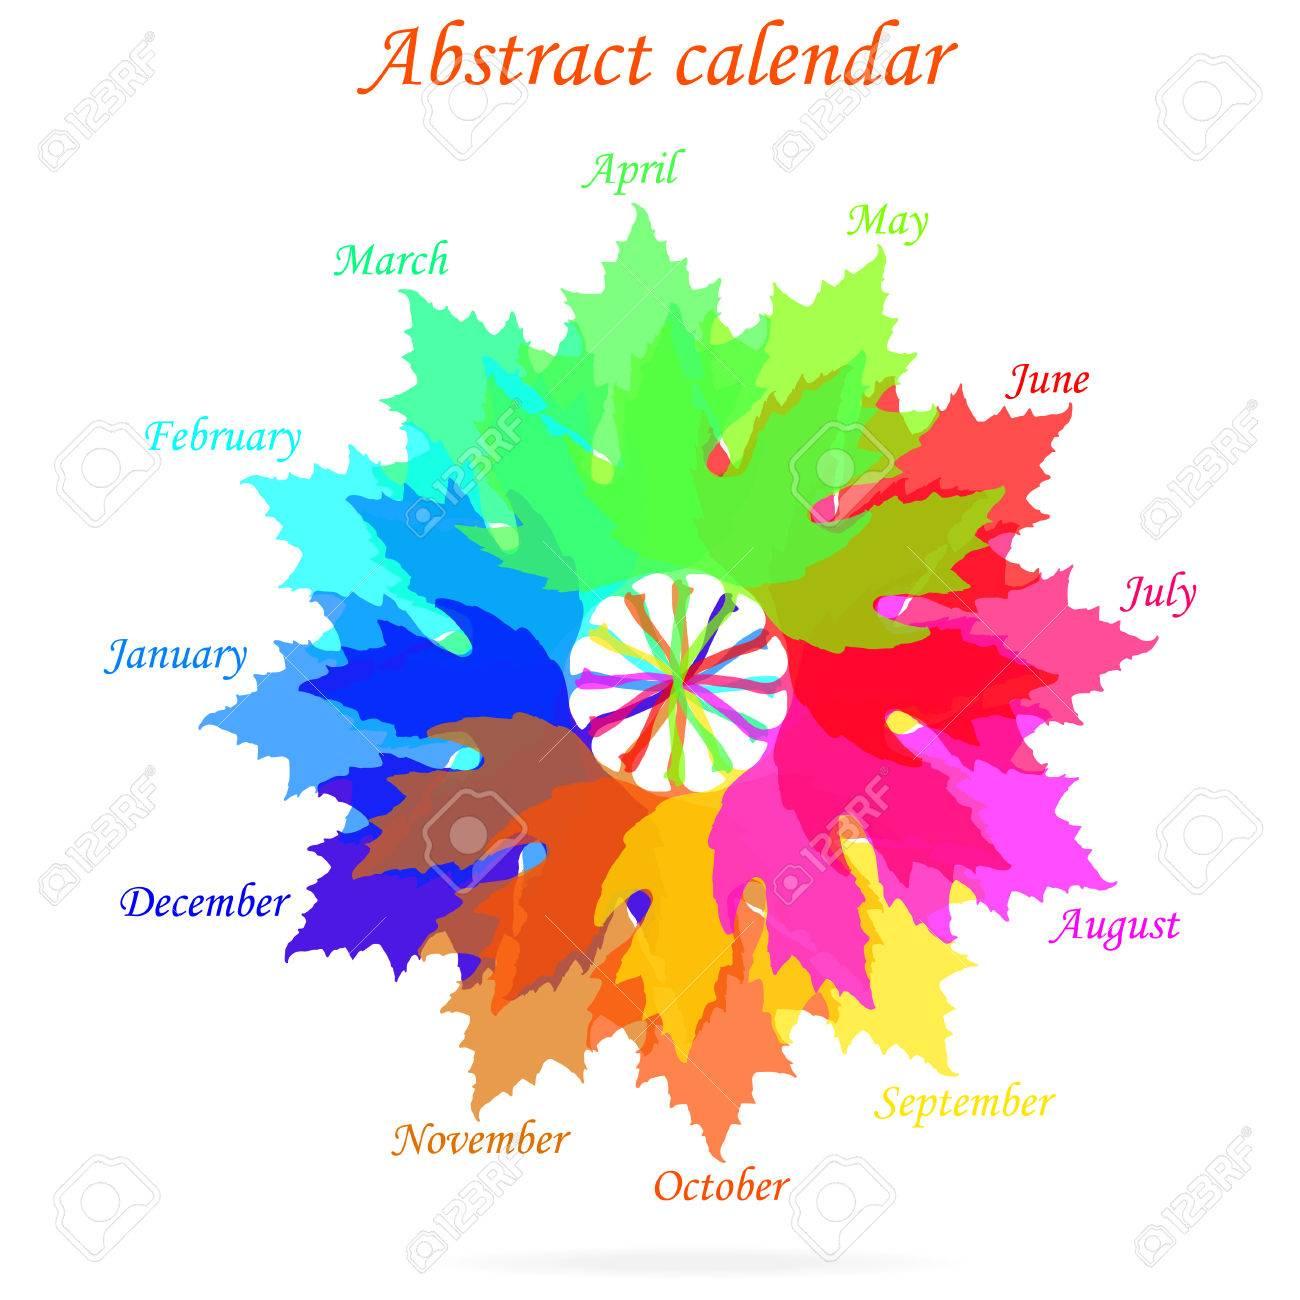 Calendario Abstracto Aislado Con Hojas De Colores De La Primavera ...